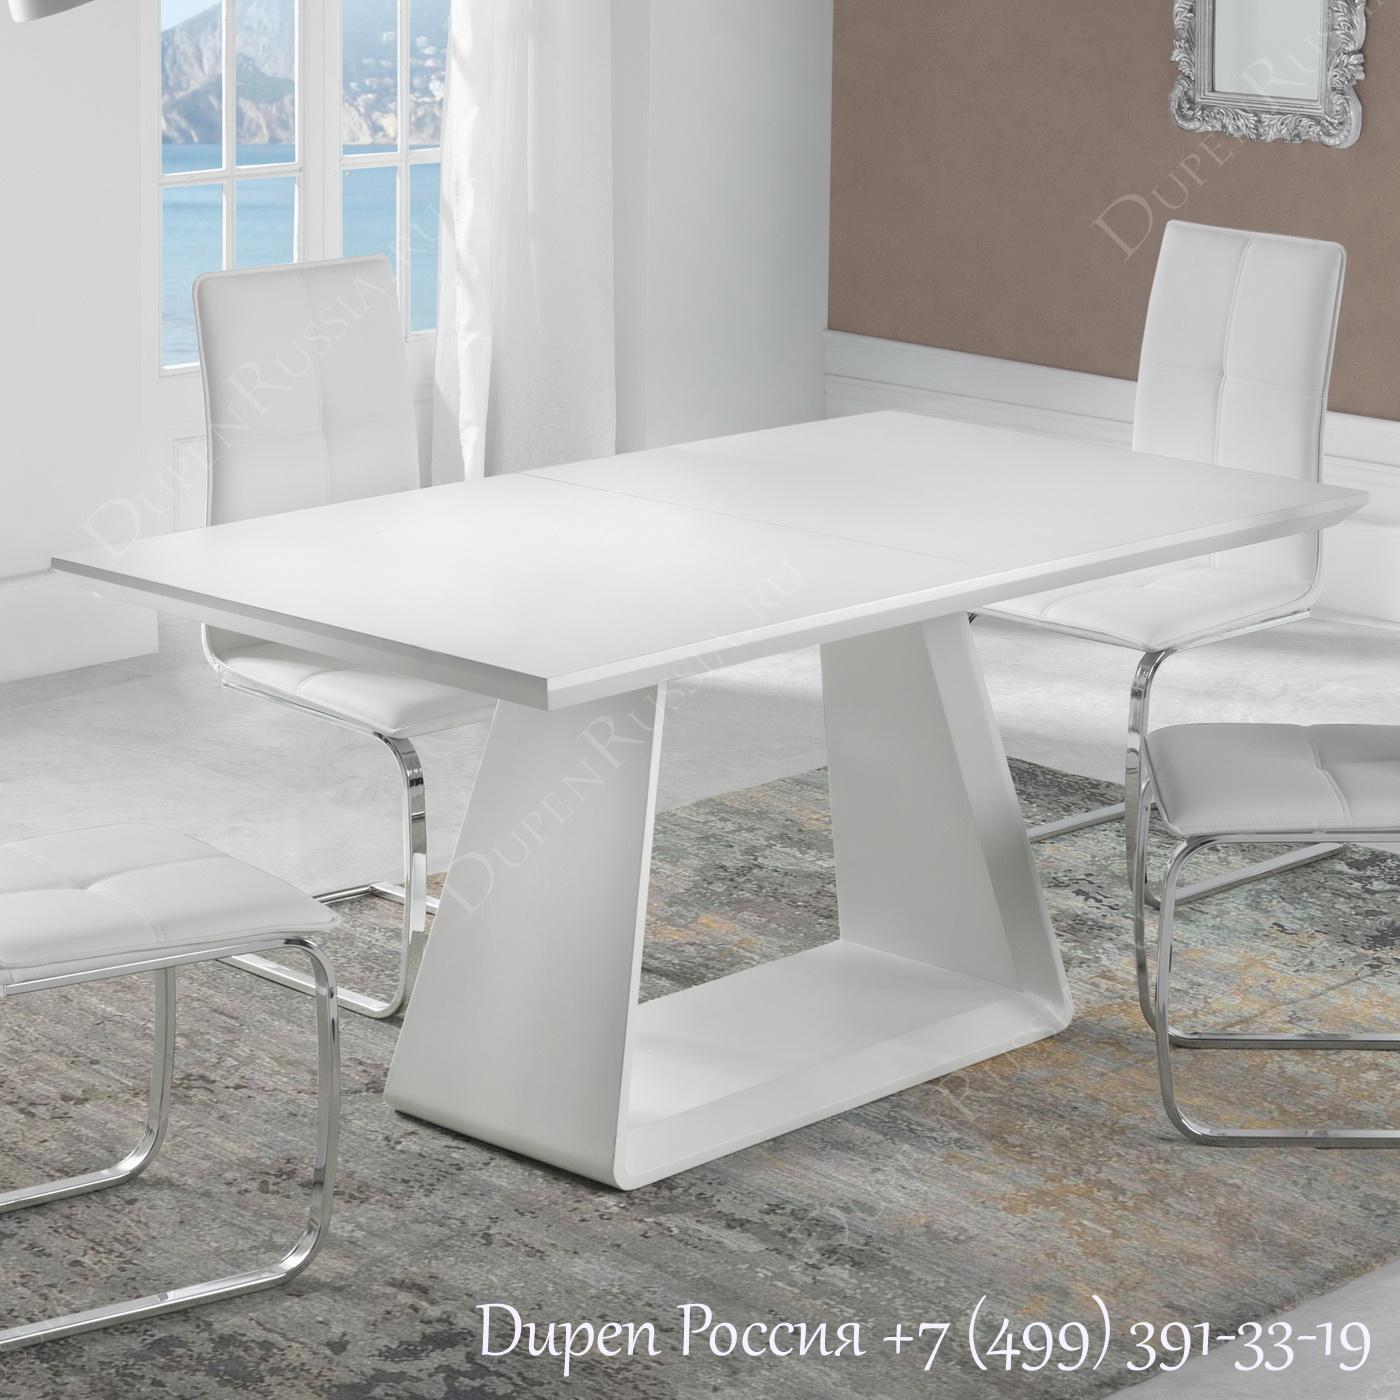 Обеденный стол DUPEN DT-22 Раскладной Белый полуматовый